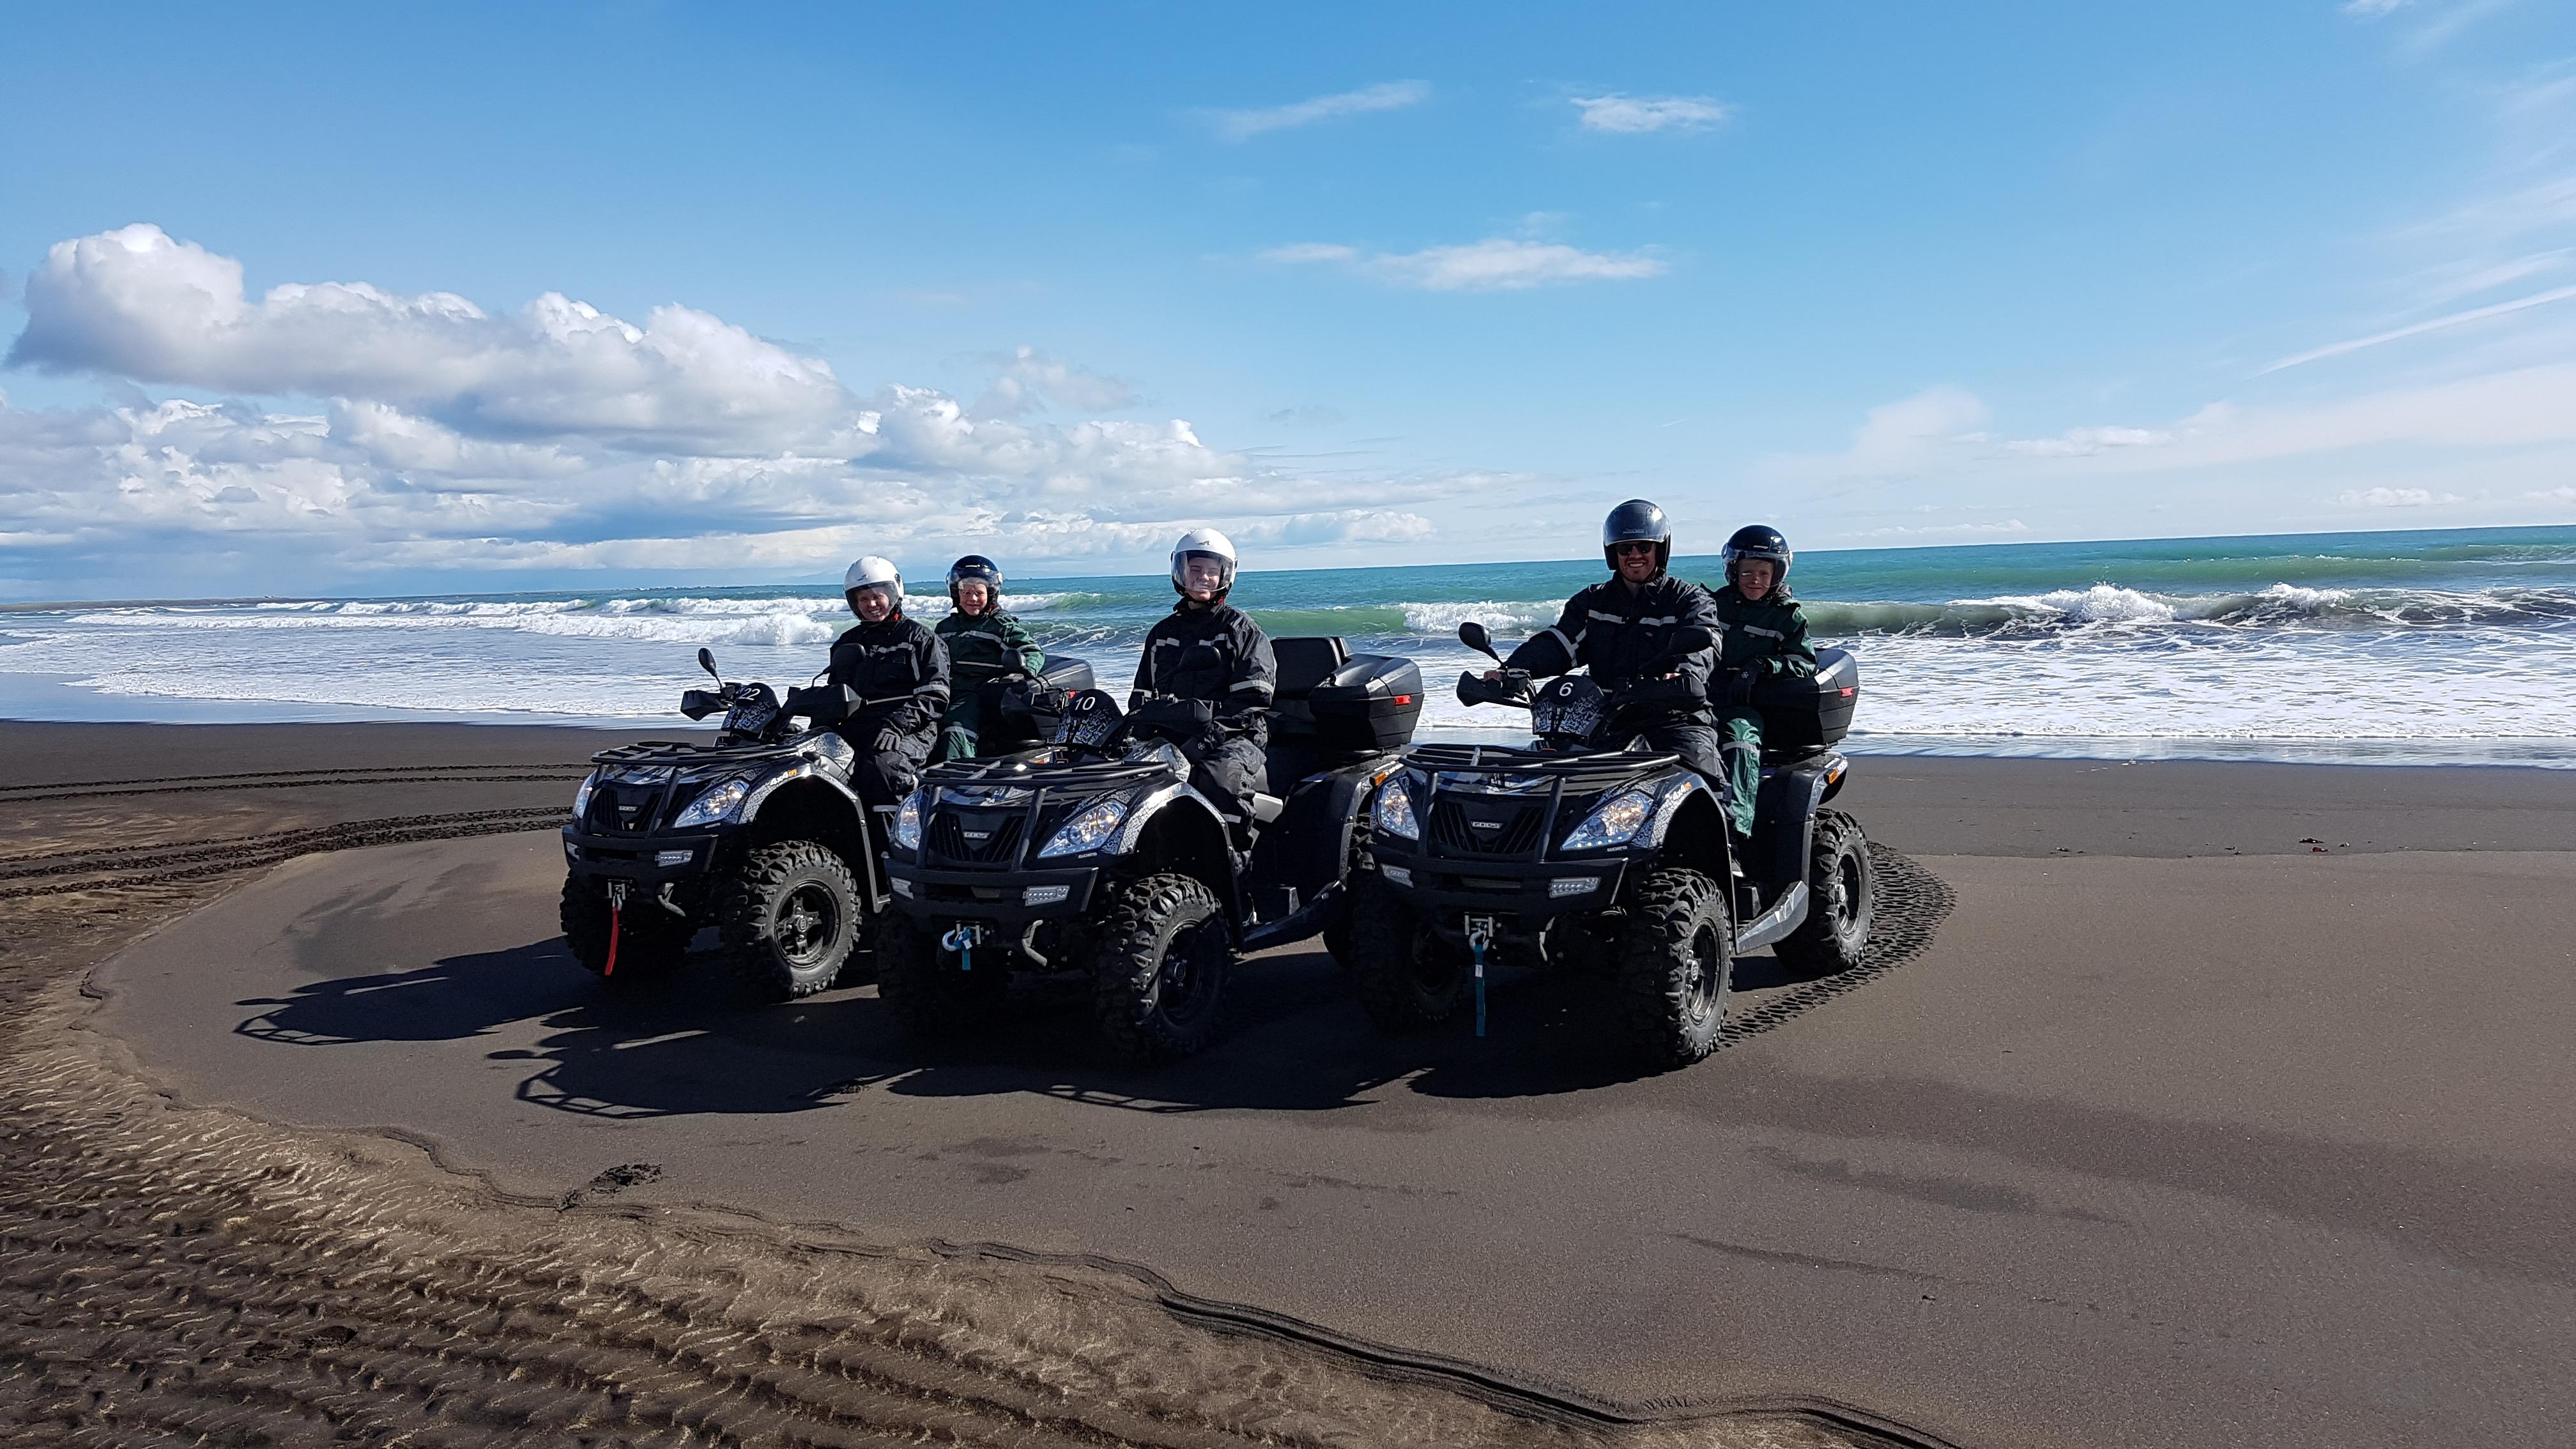 在冰岛南岸黑沙滩上体验ATV的刺激与快感